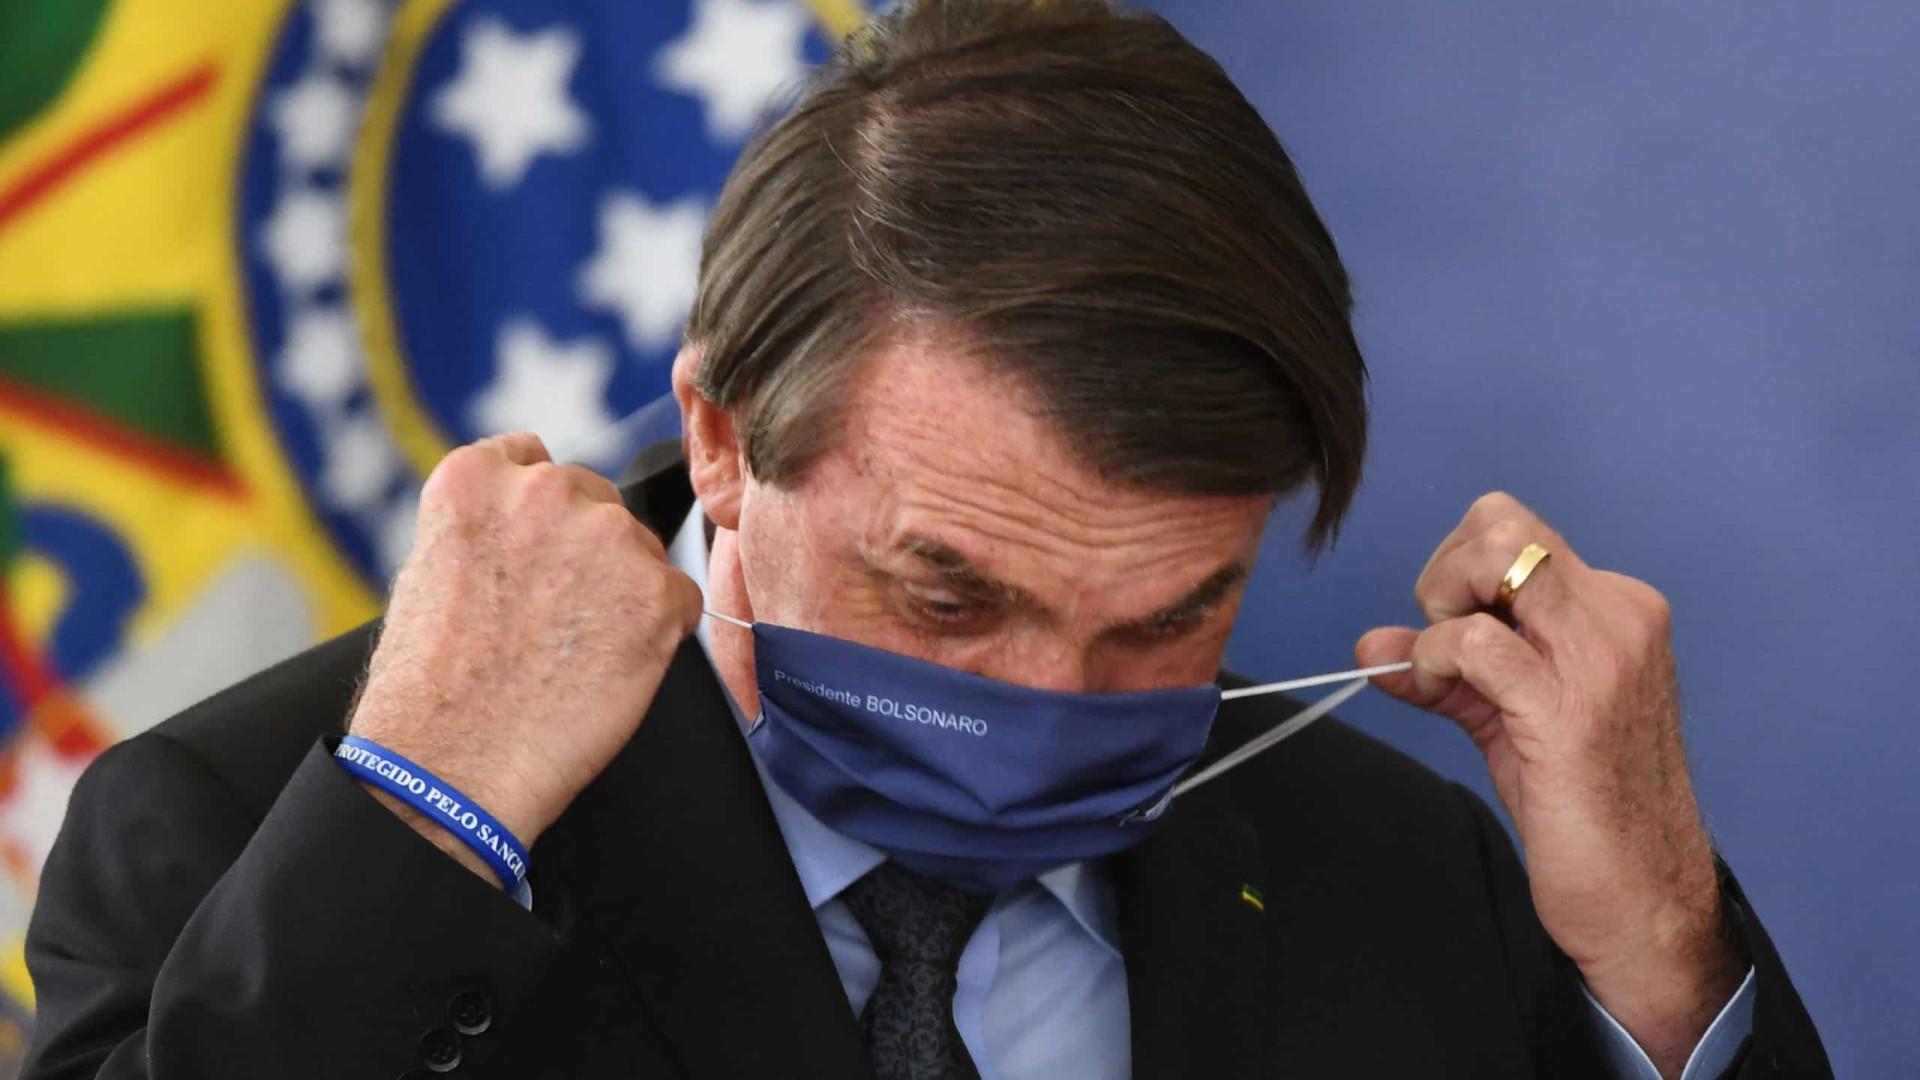 No auge da pandemia de Covid, Bolsonaro diz que Brasil vem dando exemplo